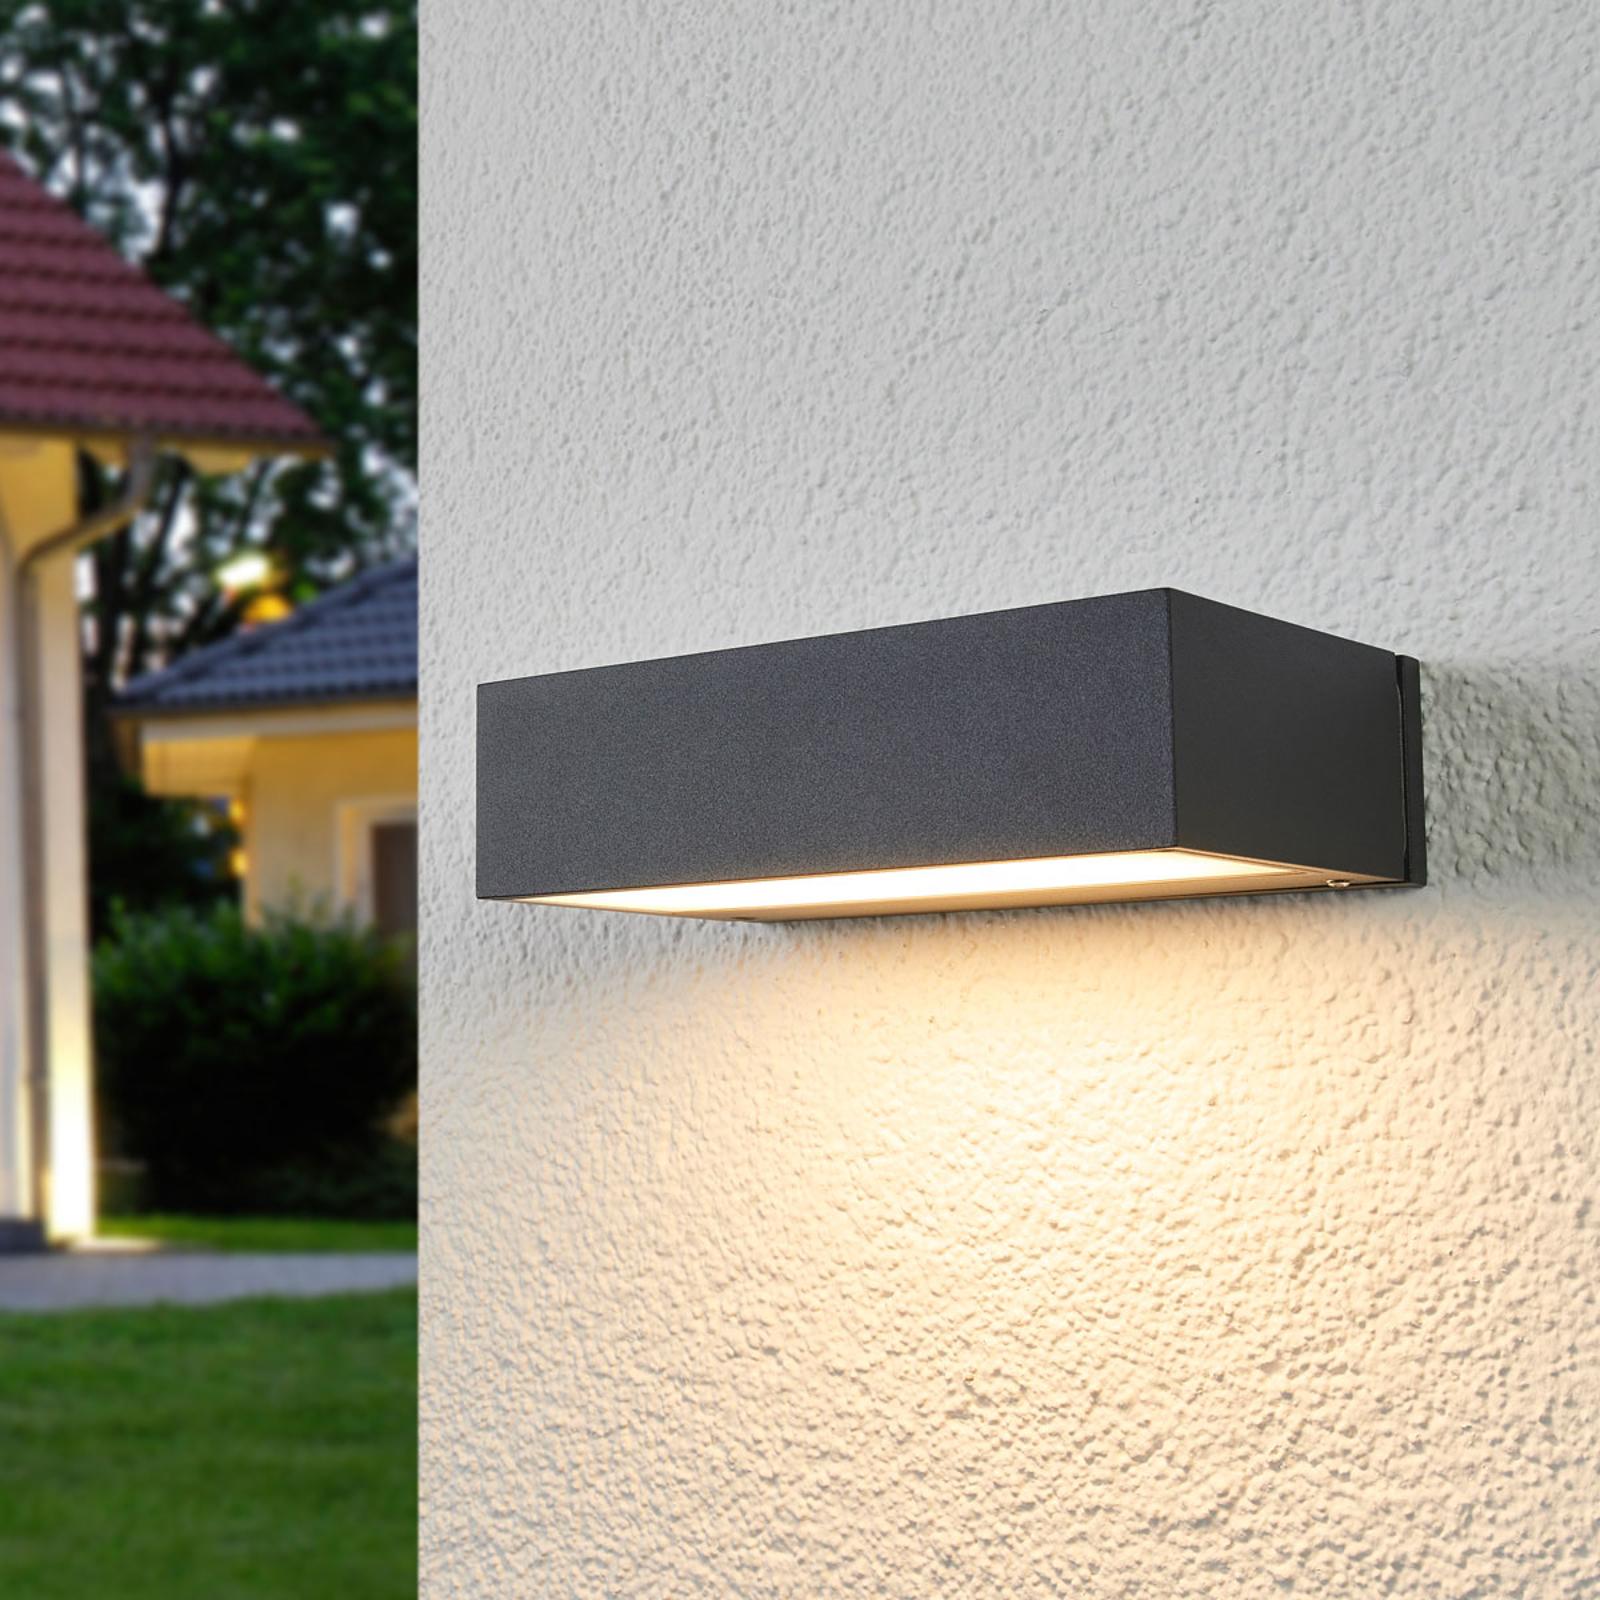 BEGA 33319K3 LED-Außenwandlampe down grafit 3.000K